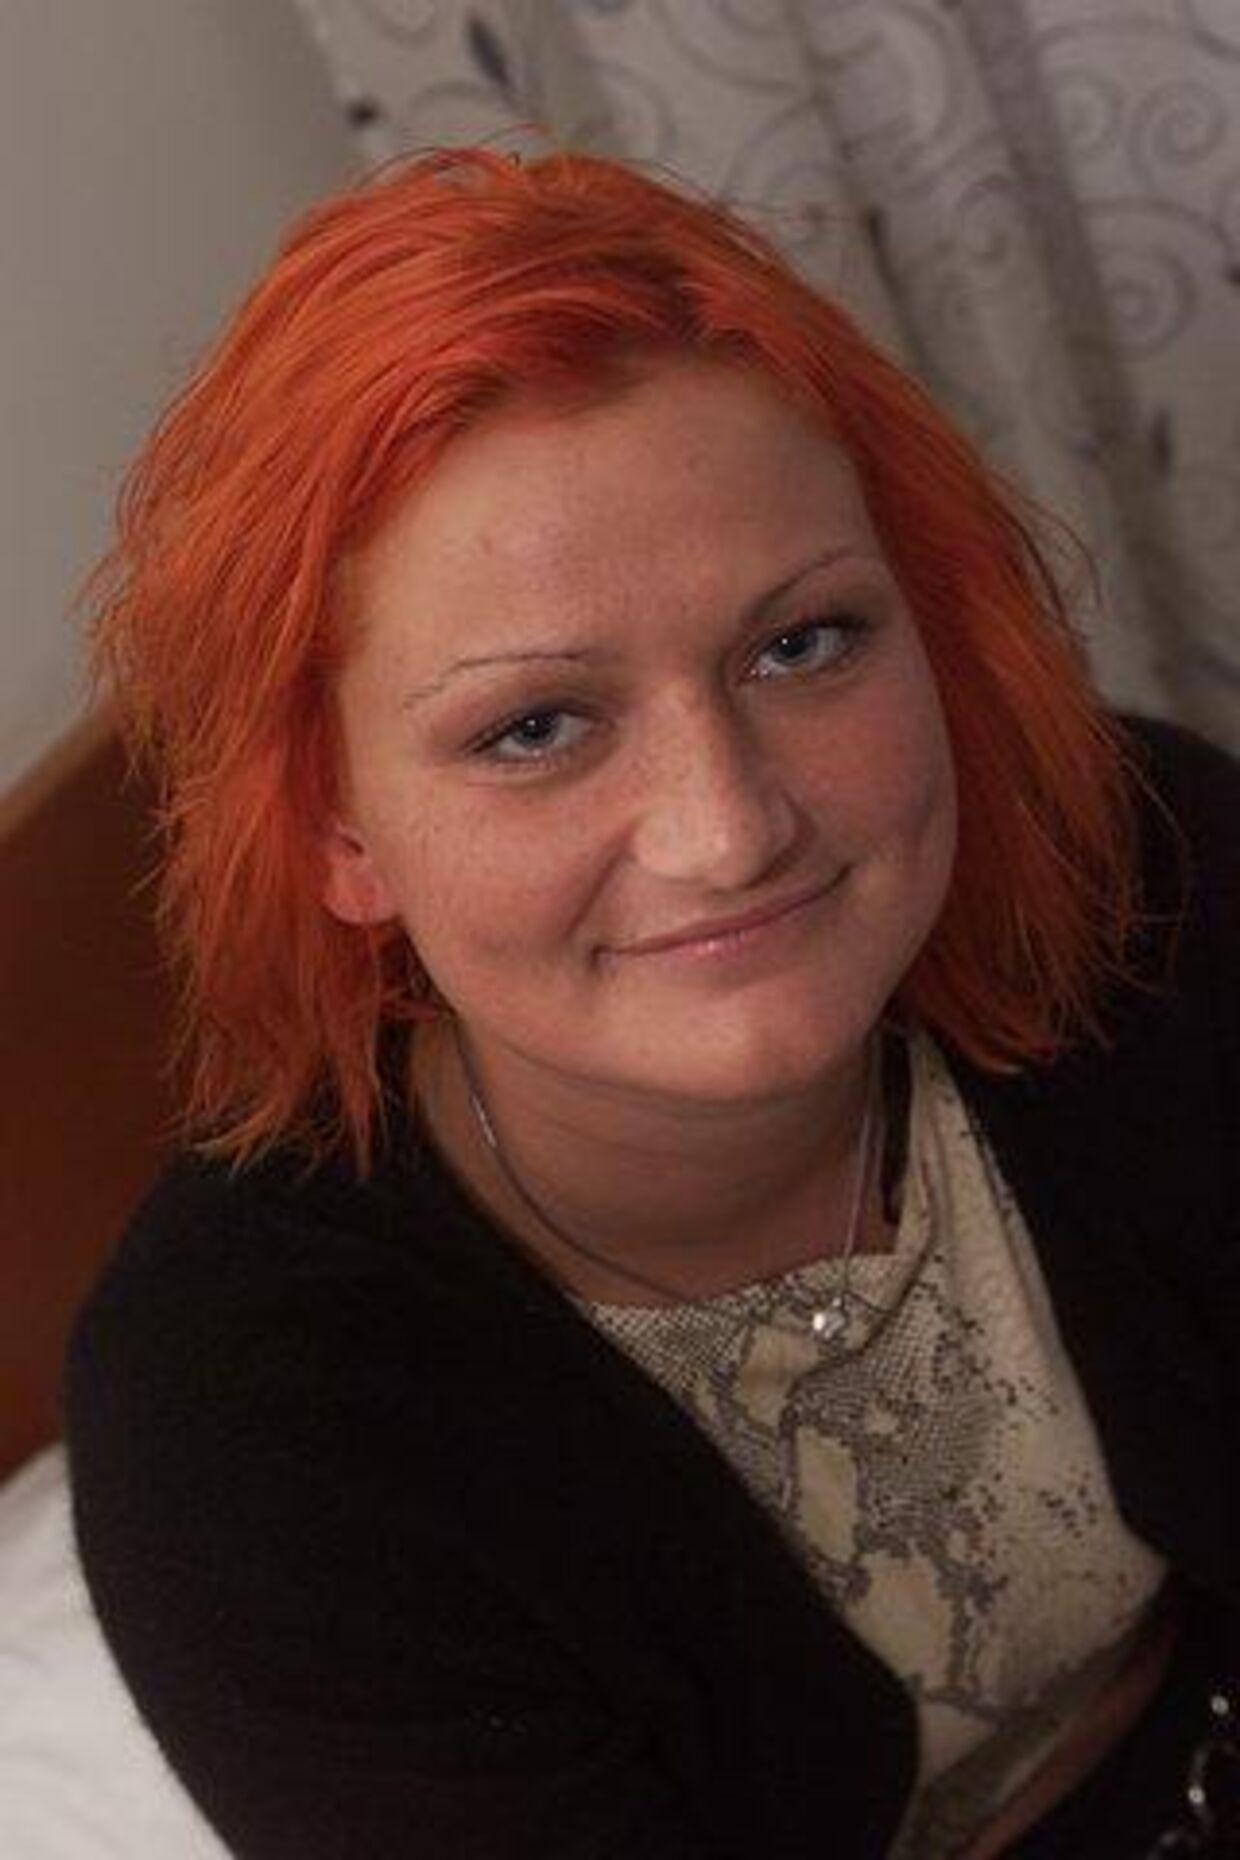 Jill brød sammen i Big Brother: Jeg blev voldtaget. Foto: Jørgen Jessen.<br><br><p>